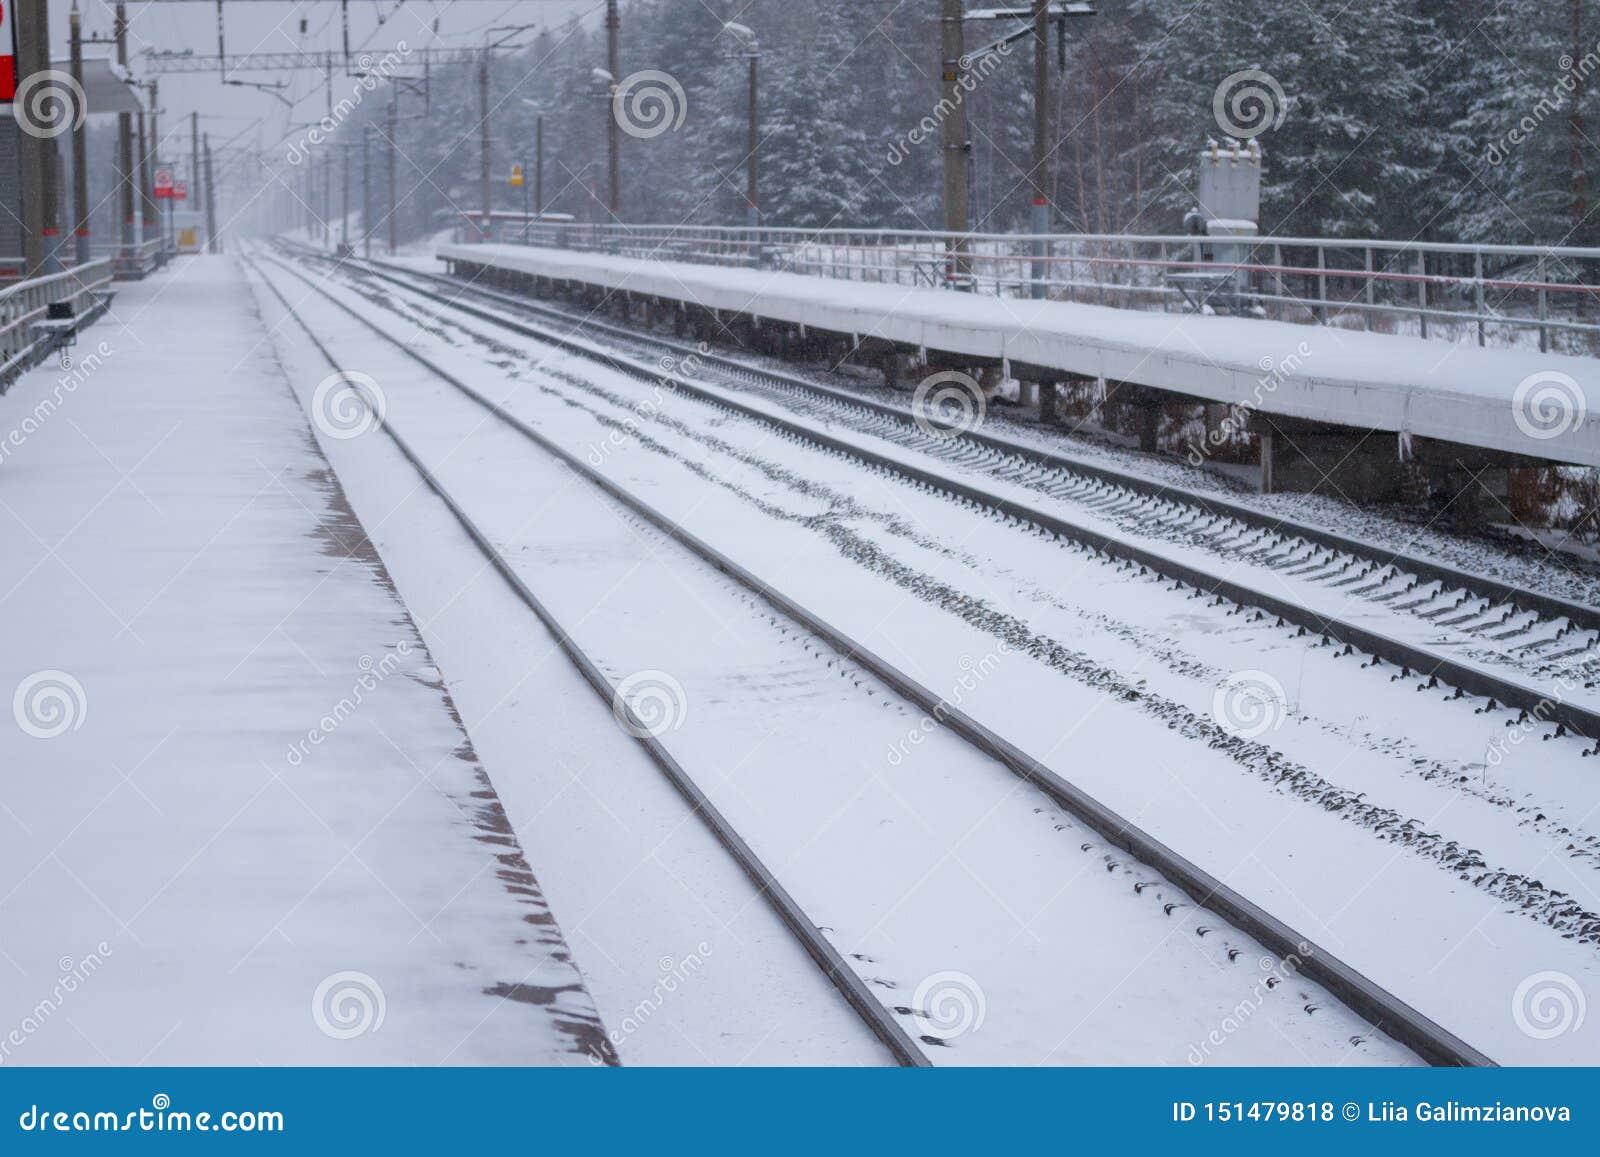 rail road winter